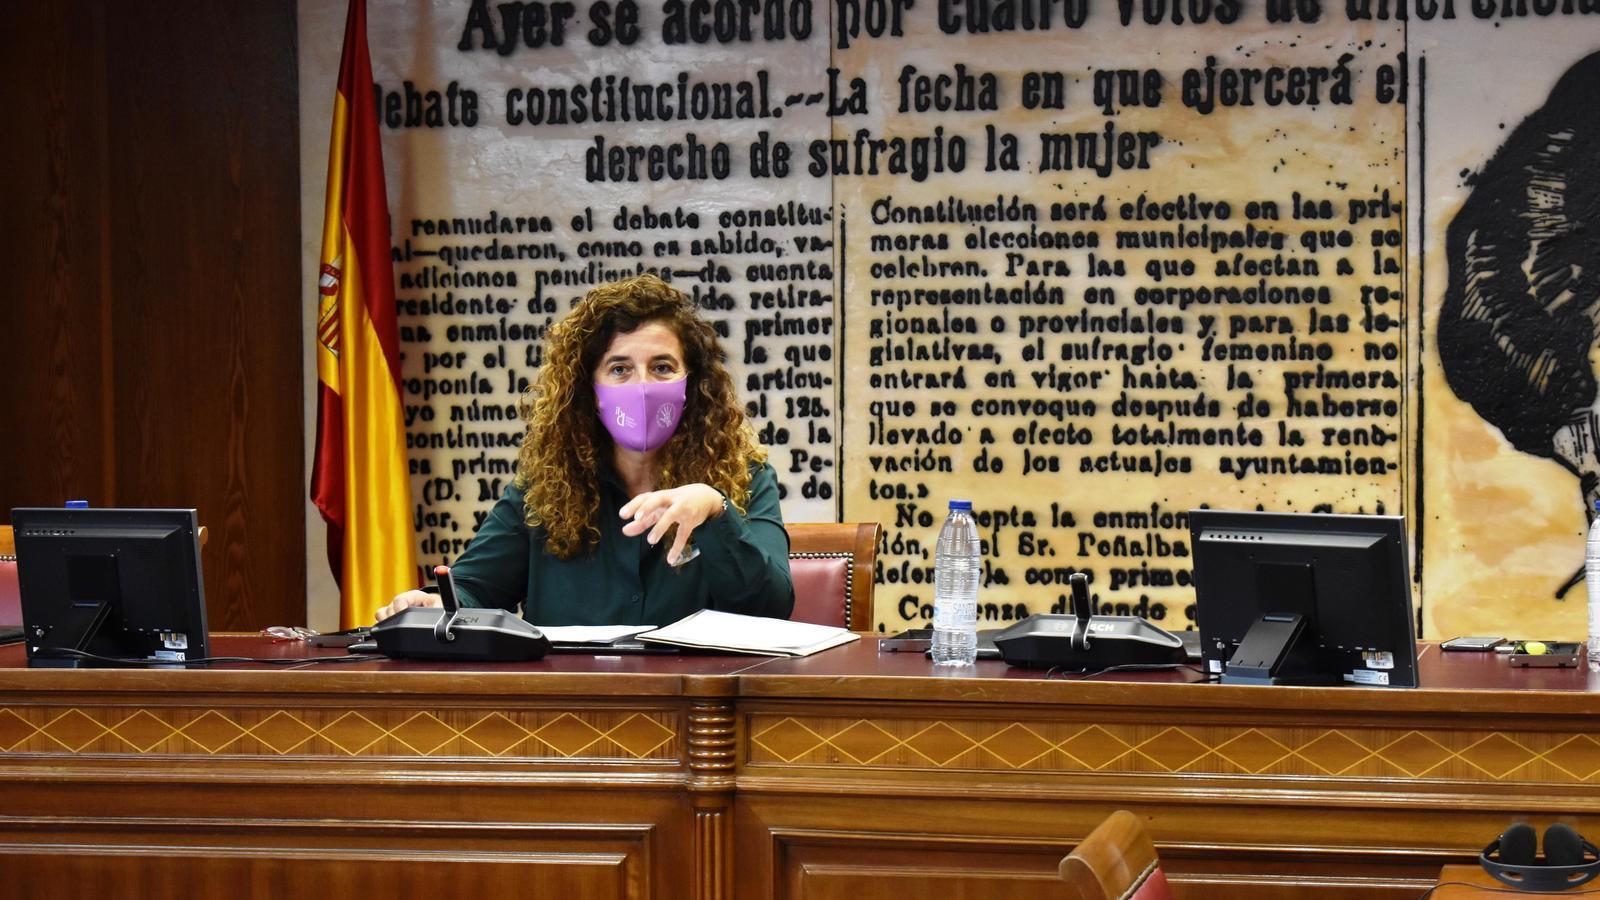 La consellera de Presidència, Cultura i Igualtat, Pilar Costa, durant la seva compareixença davant del Senat